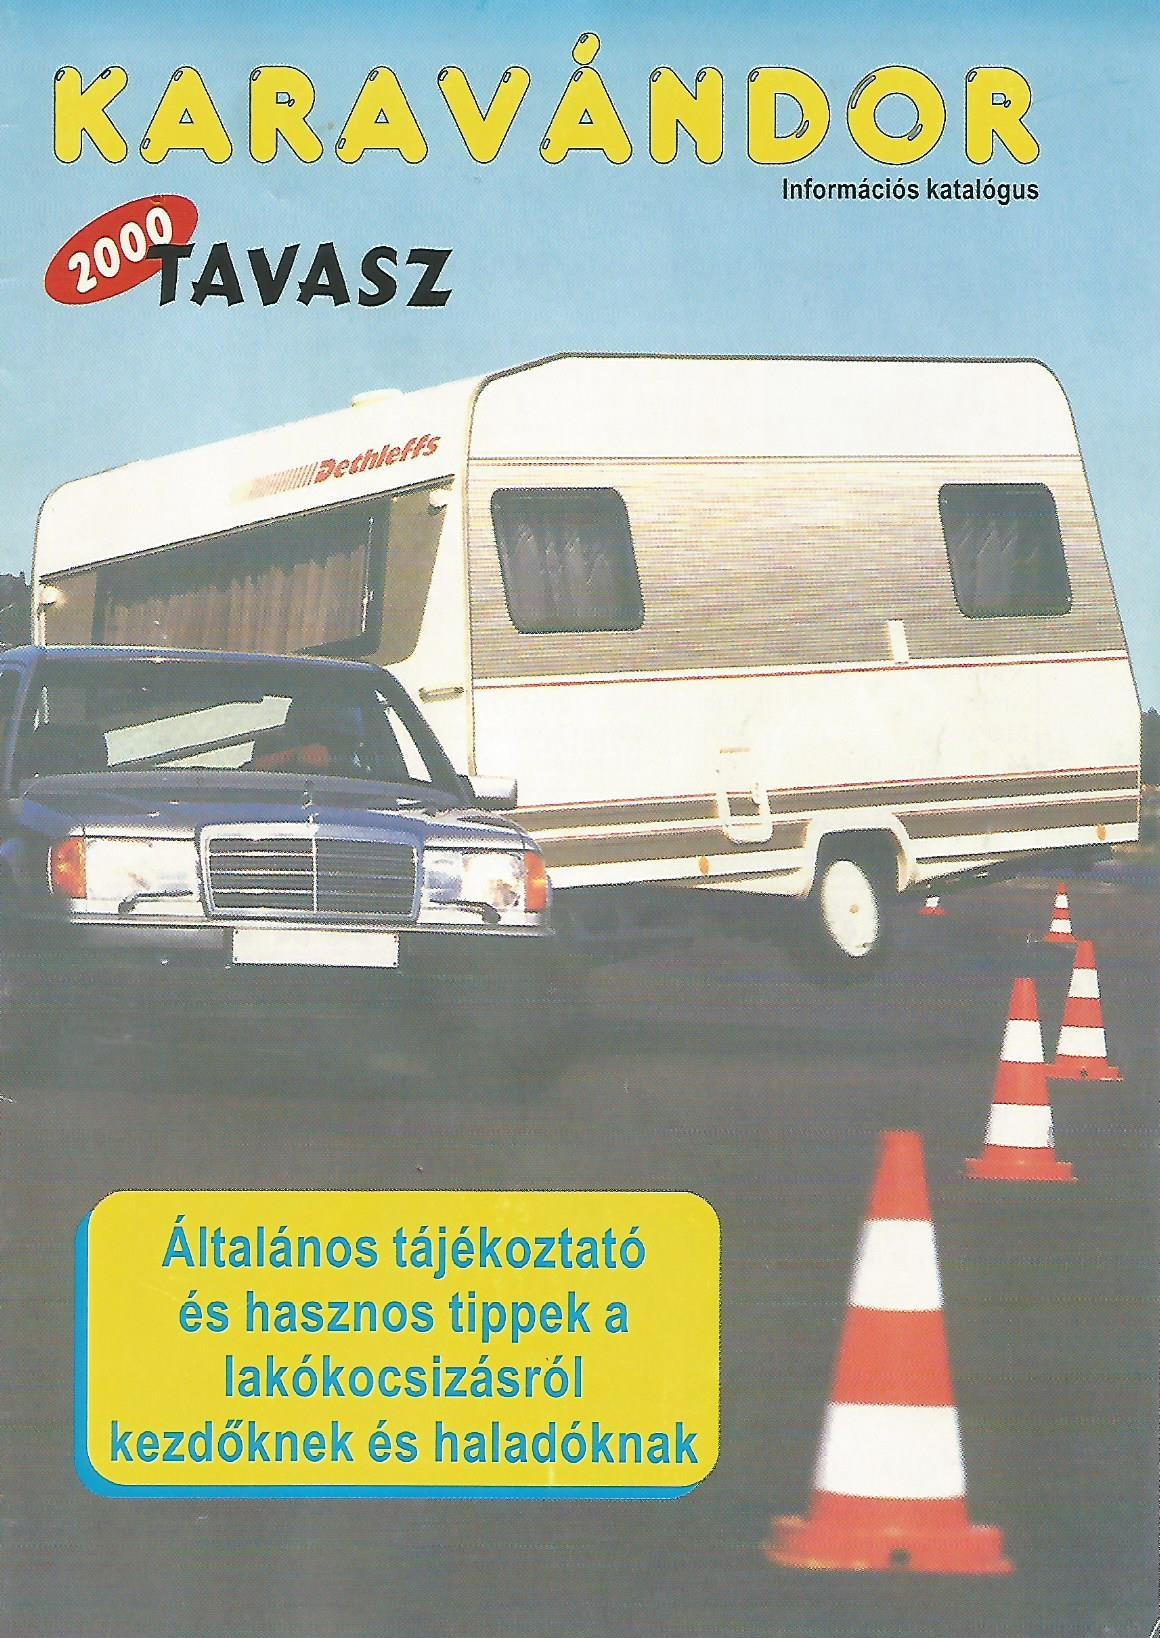 Karravándor magazin 2000. tavasz